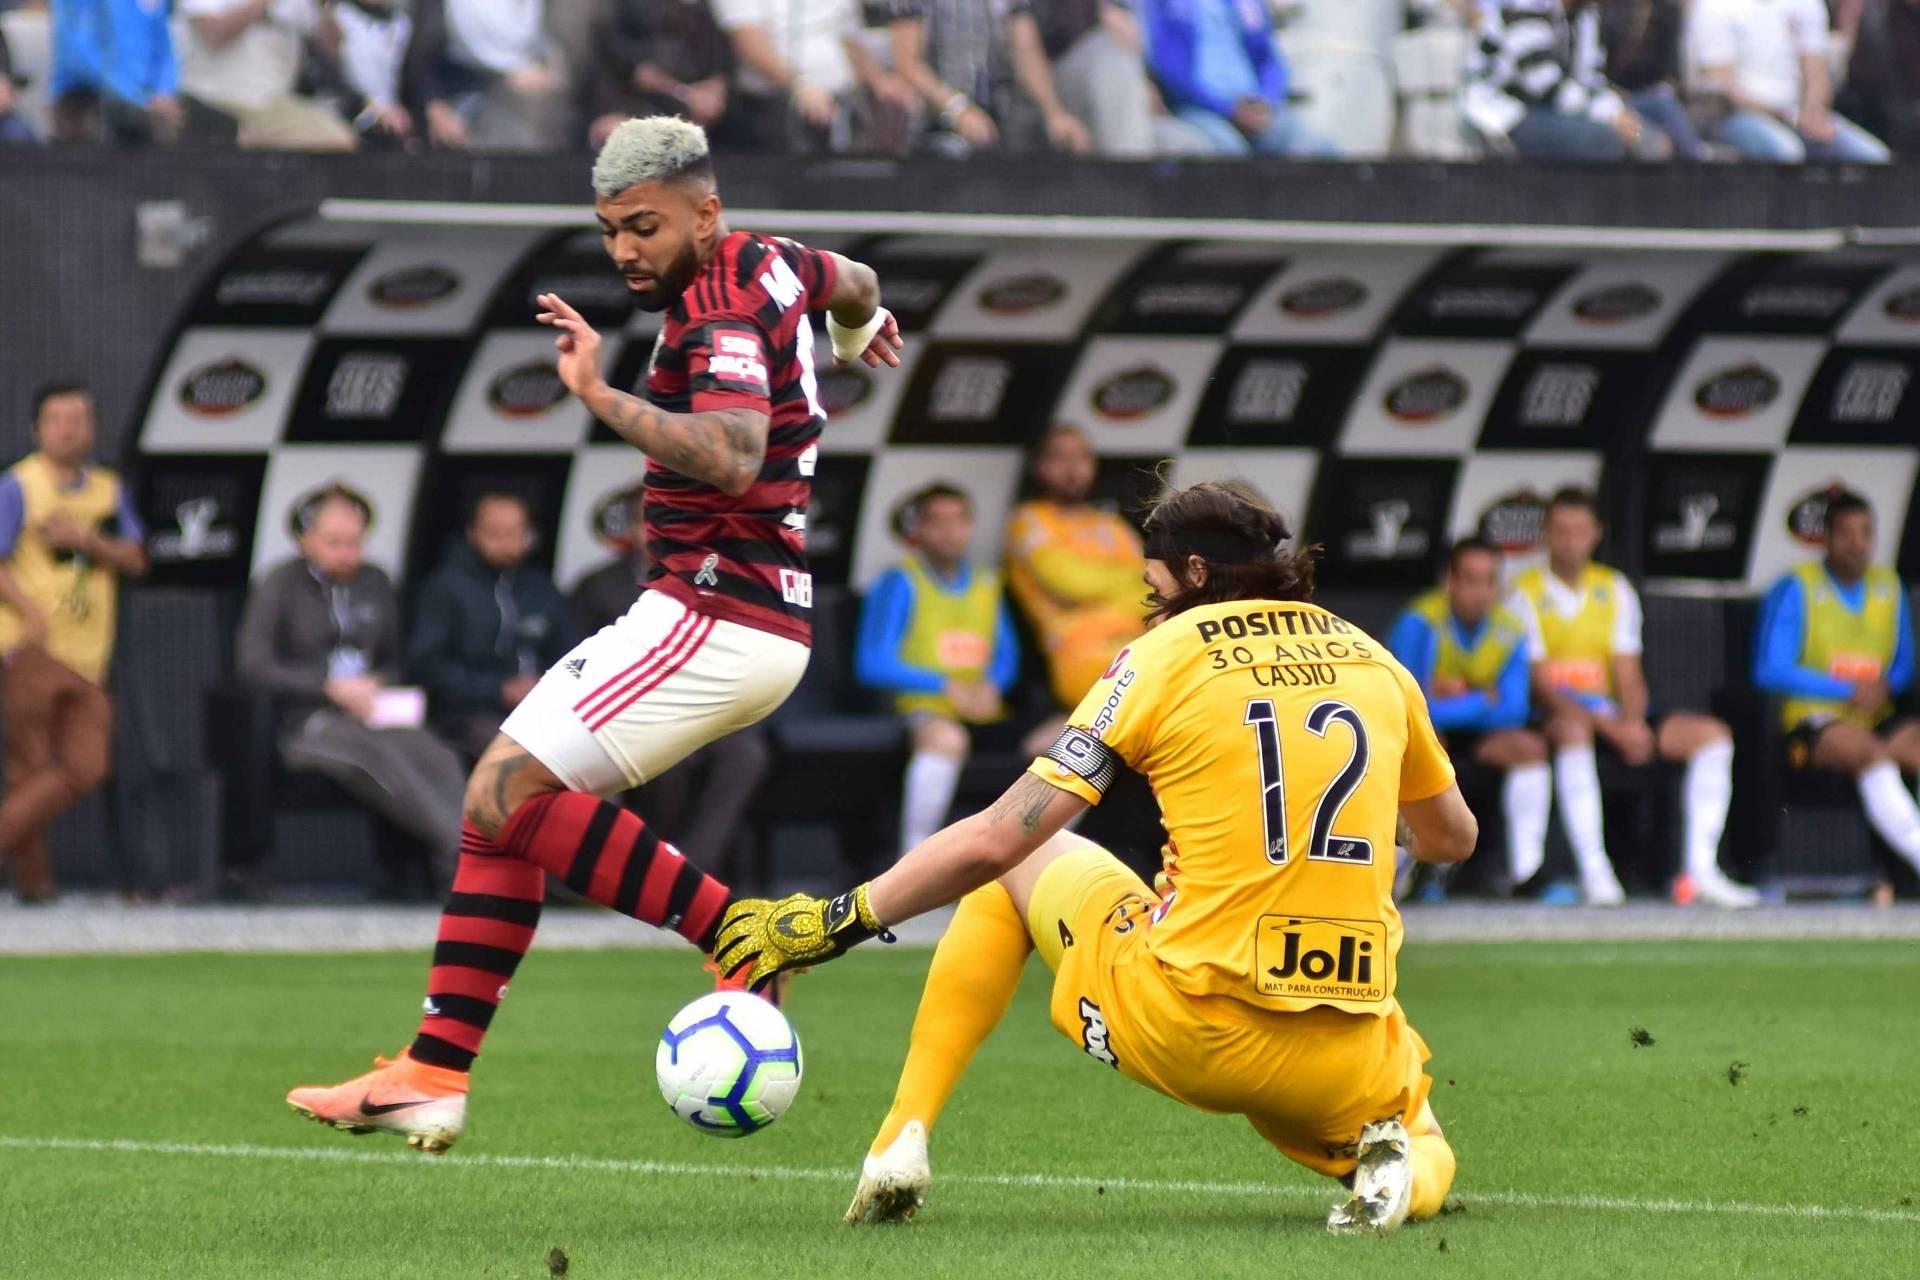 Com Var Flamengo E Corinthians Empatam Em Itaquera Jornal